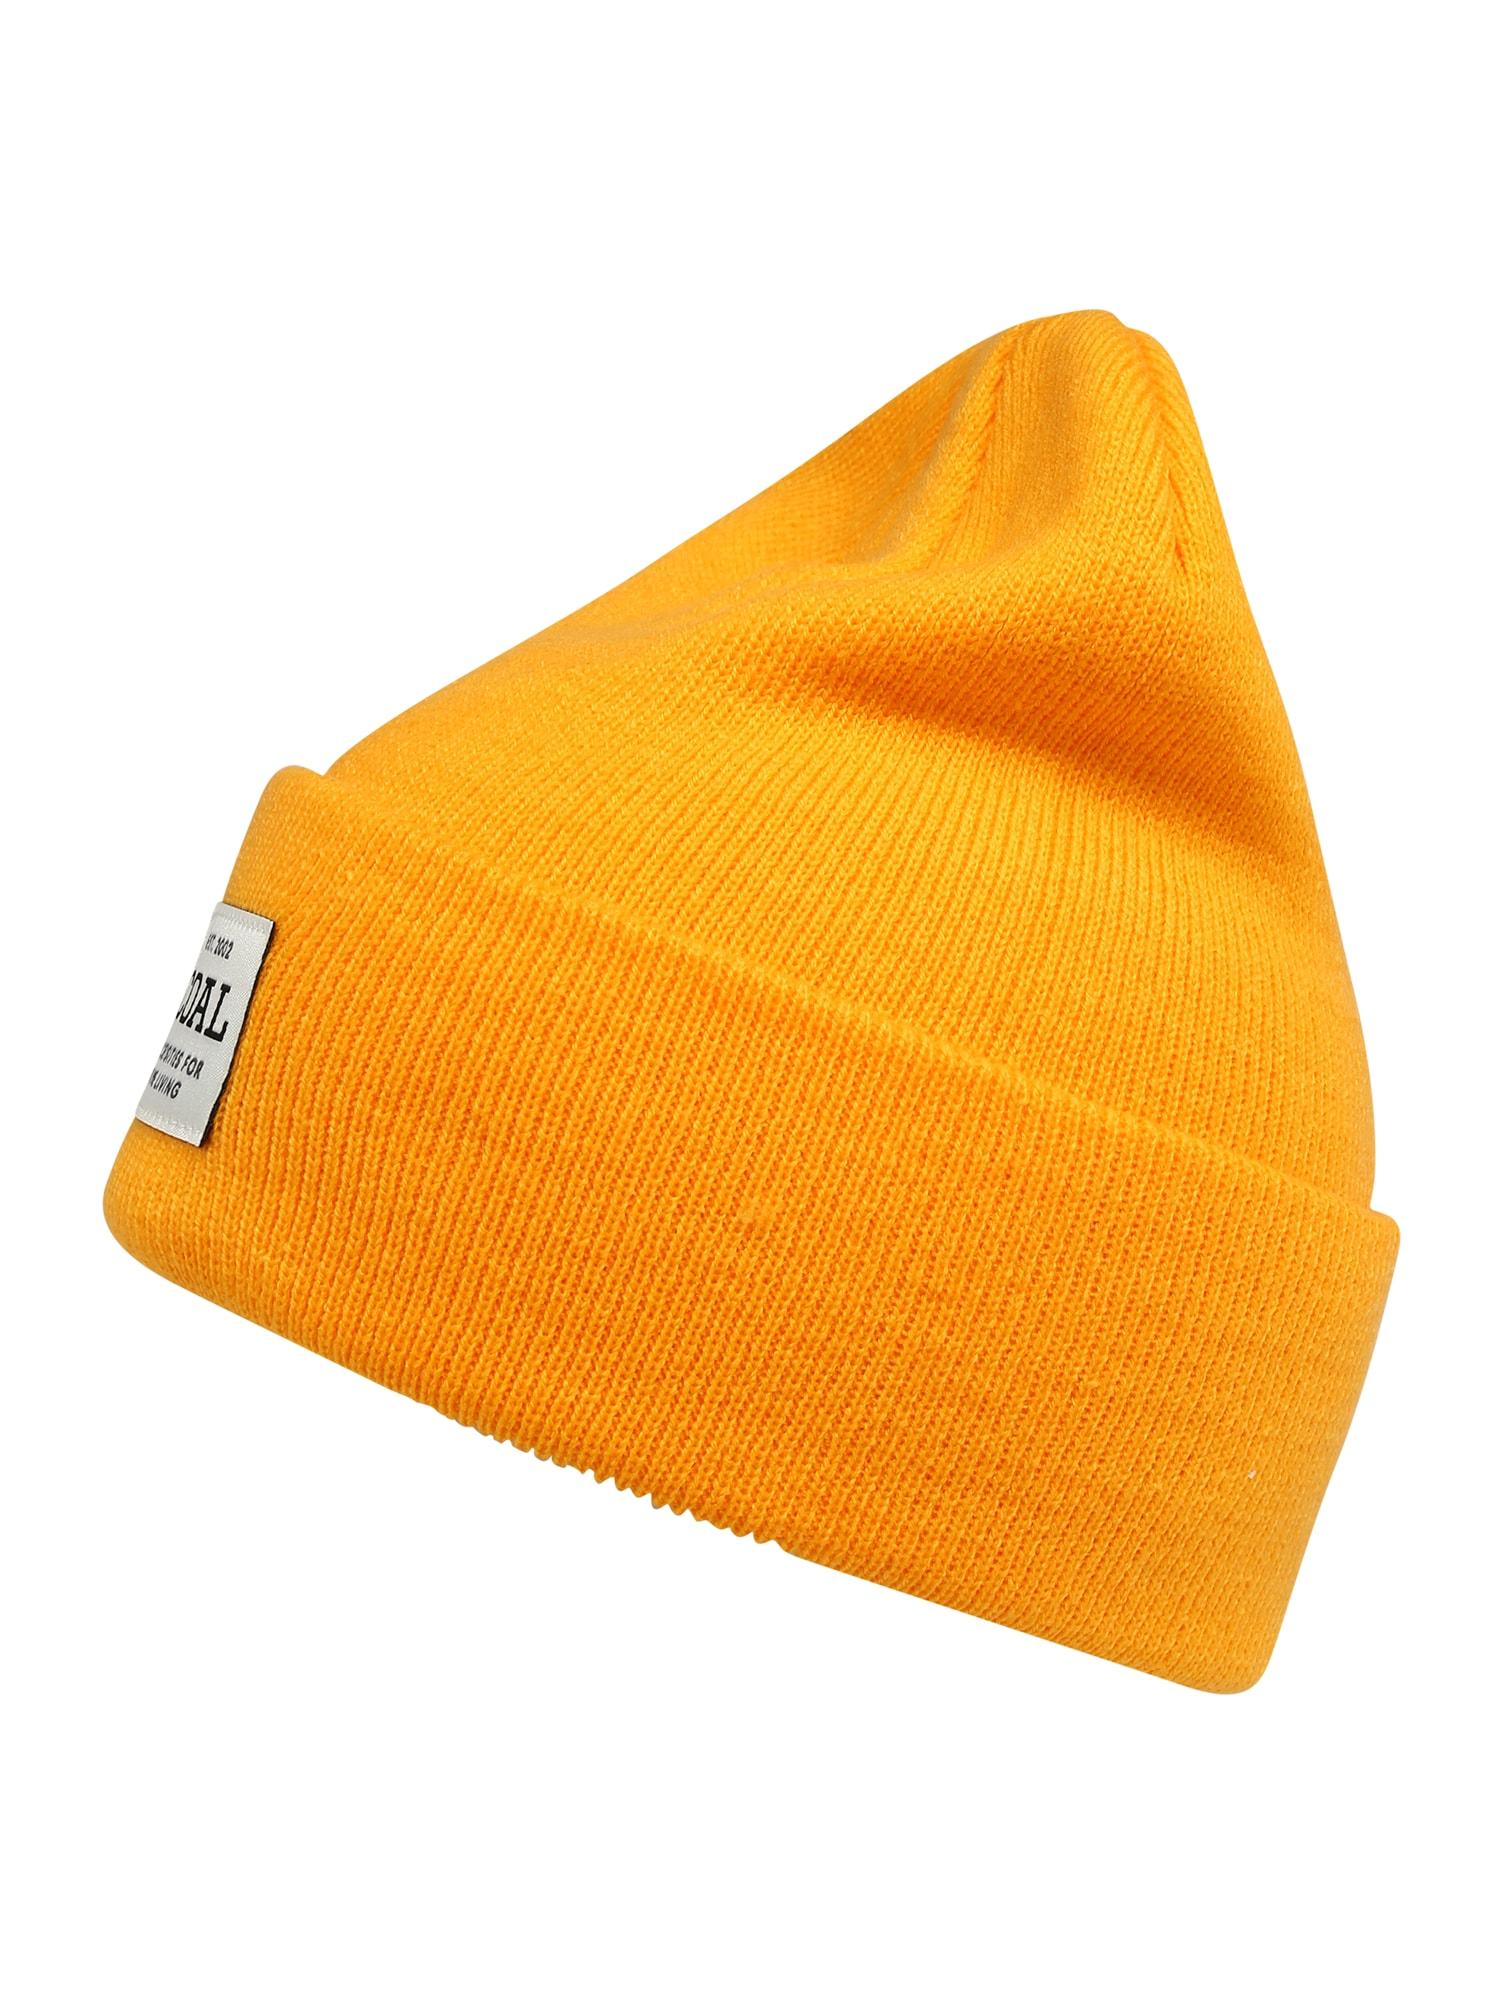 Coal Sportovní čepice  zlatě žlutá / bílá